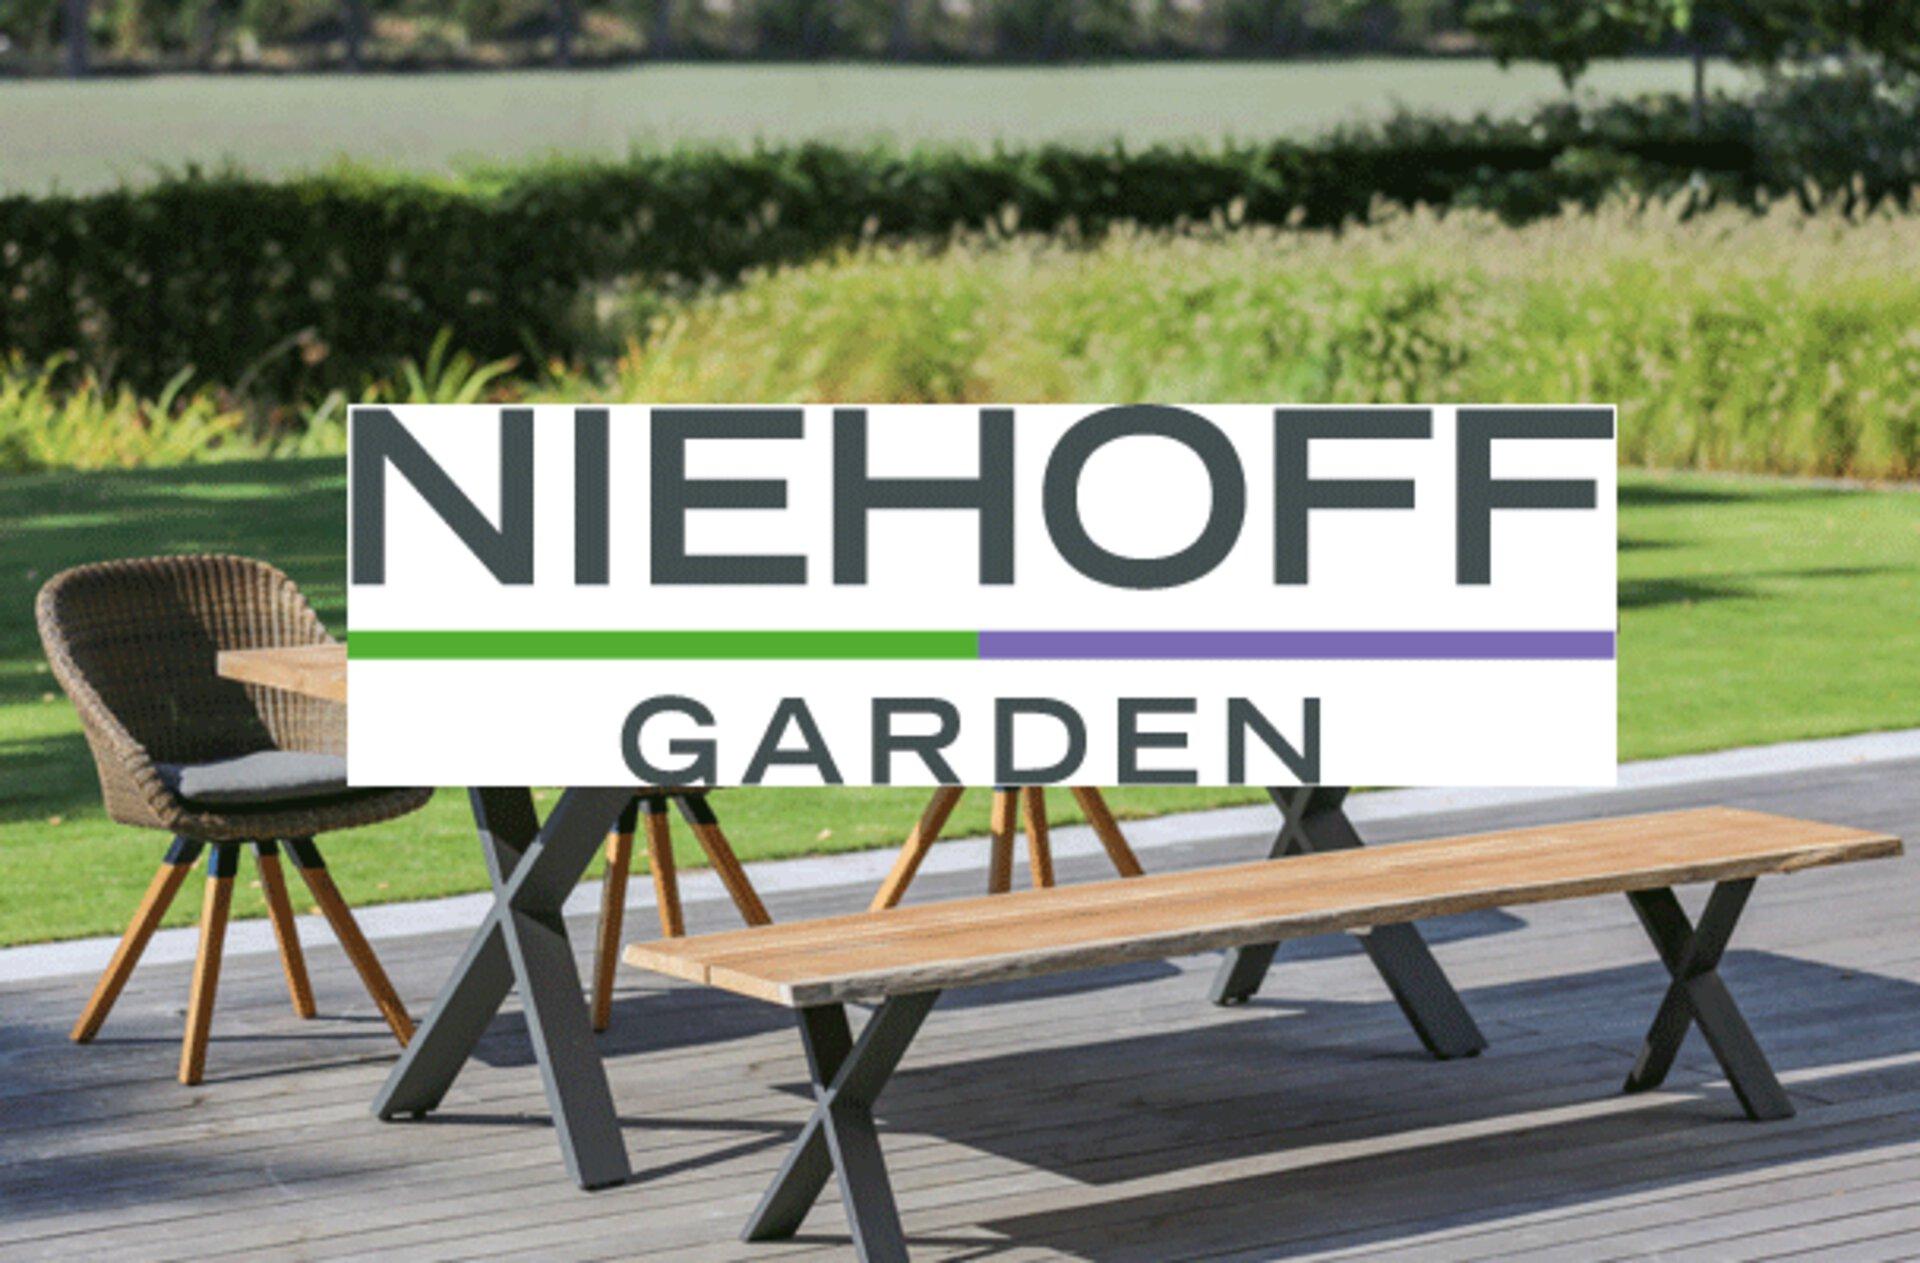 Gartentisch mit Niehoff-Garden Logo